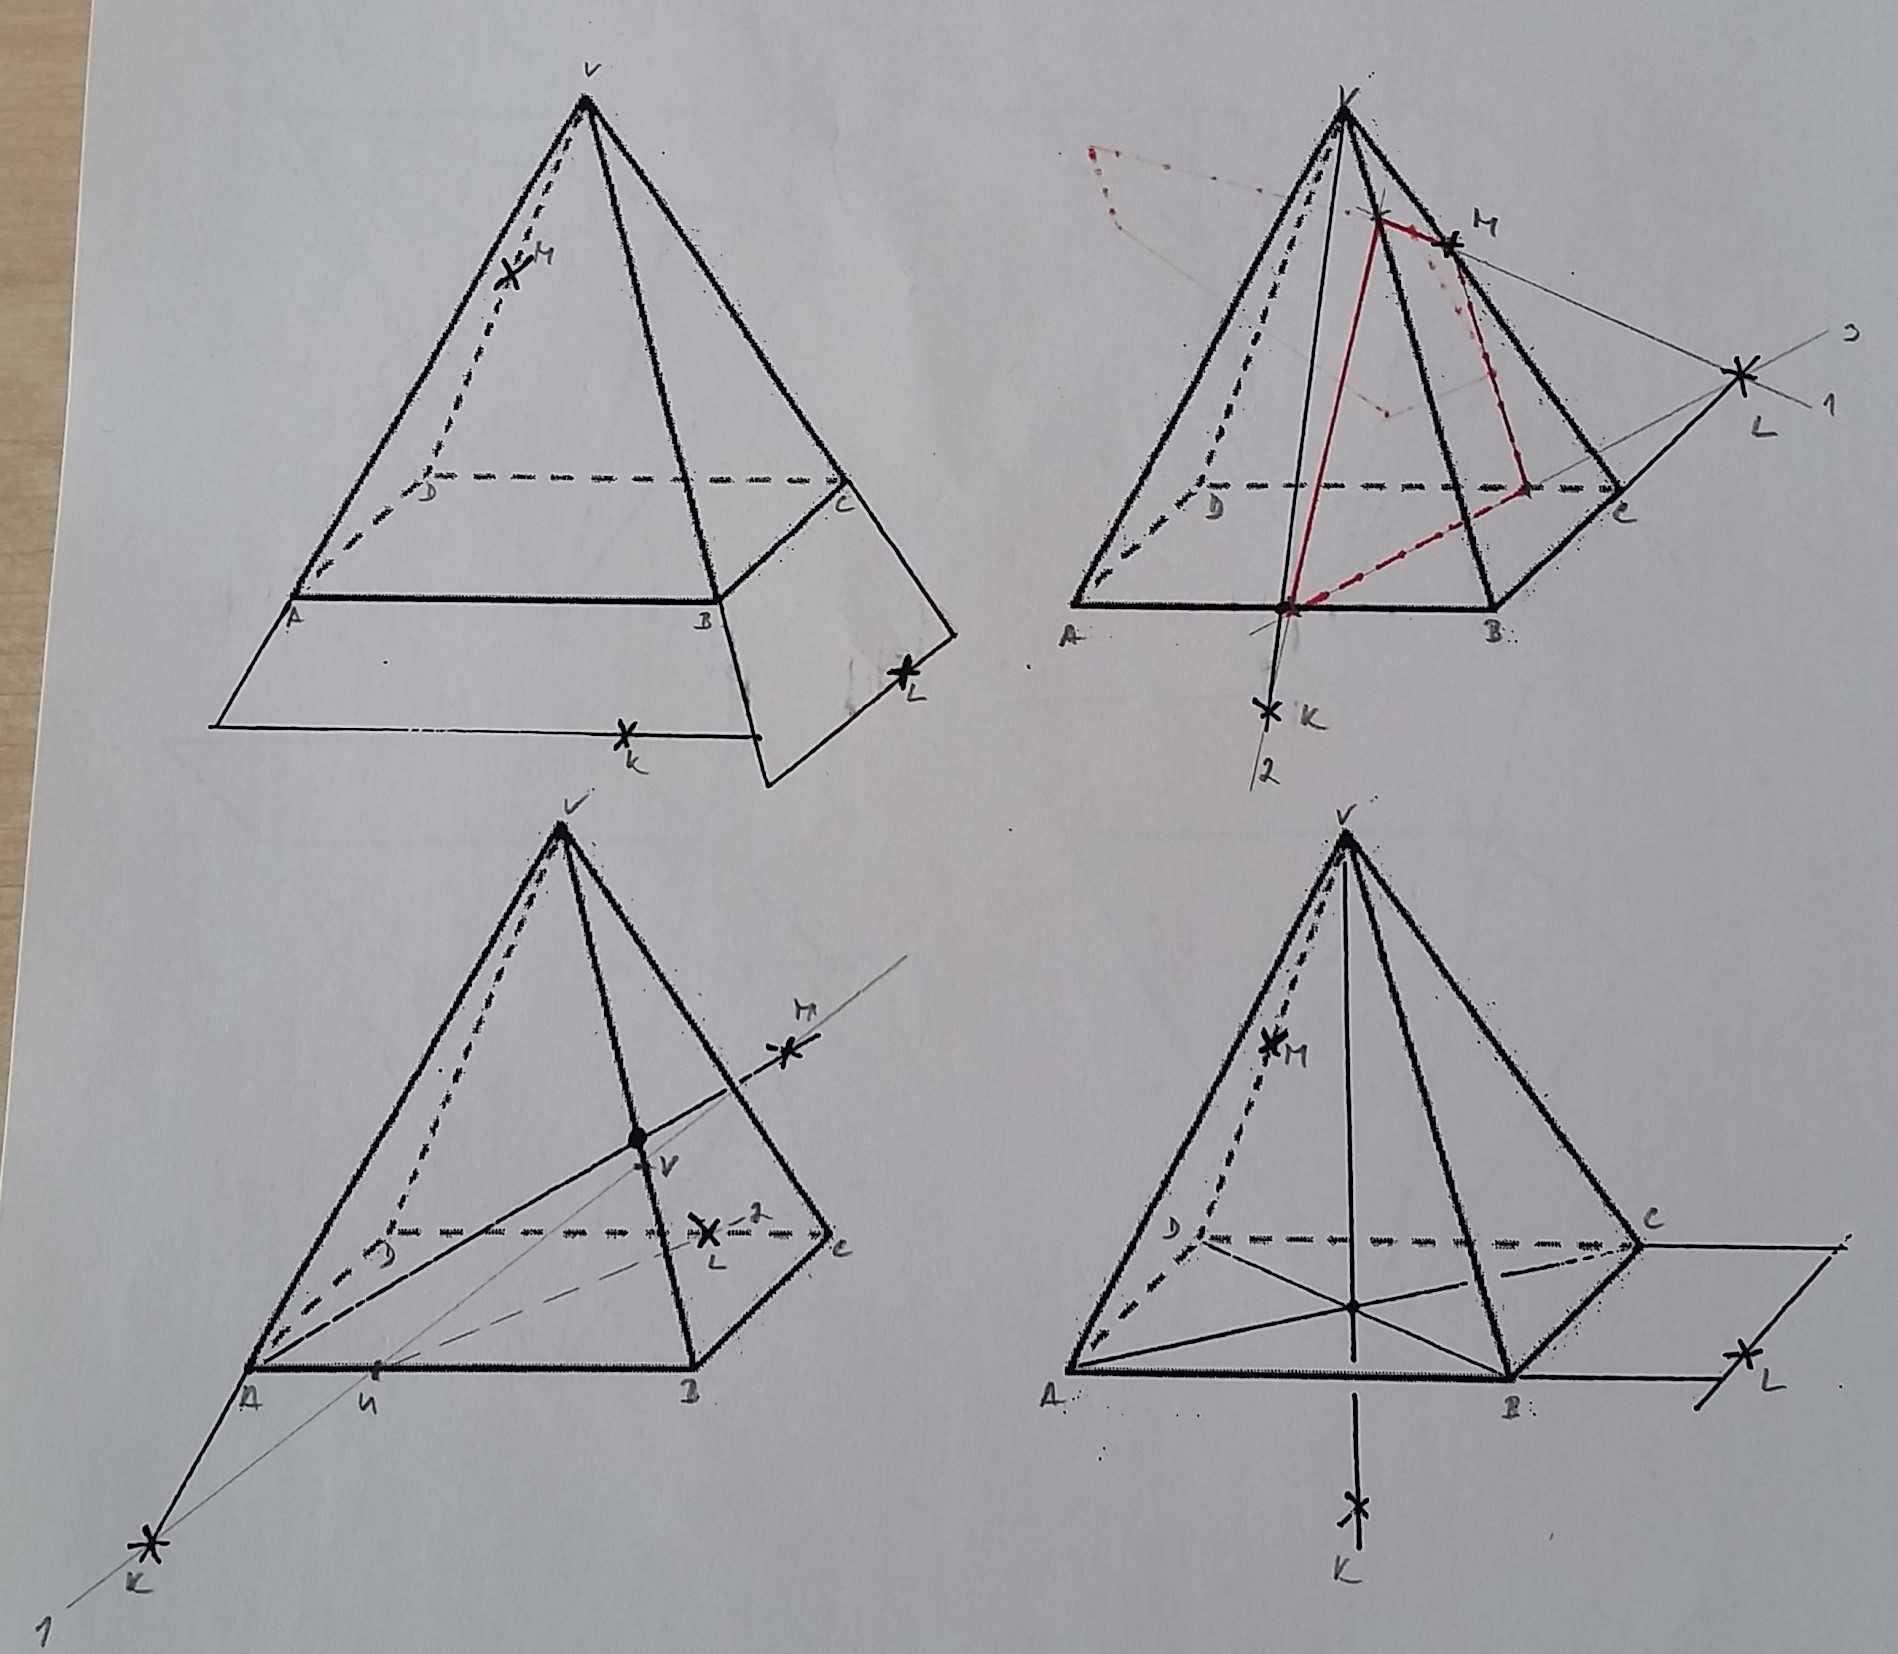 http://forum.matematika.cz/upload3/img/2018-03/64545_Foto%2B2.jpg